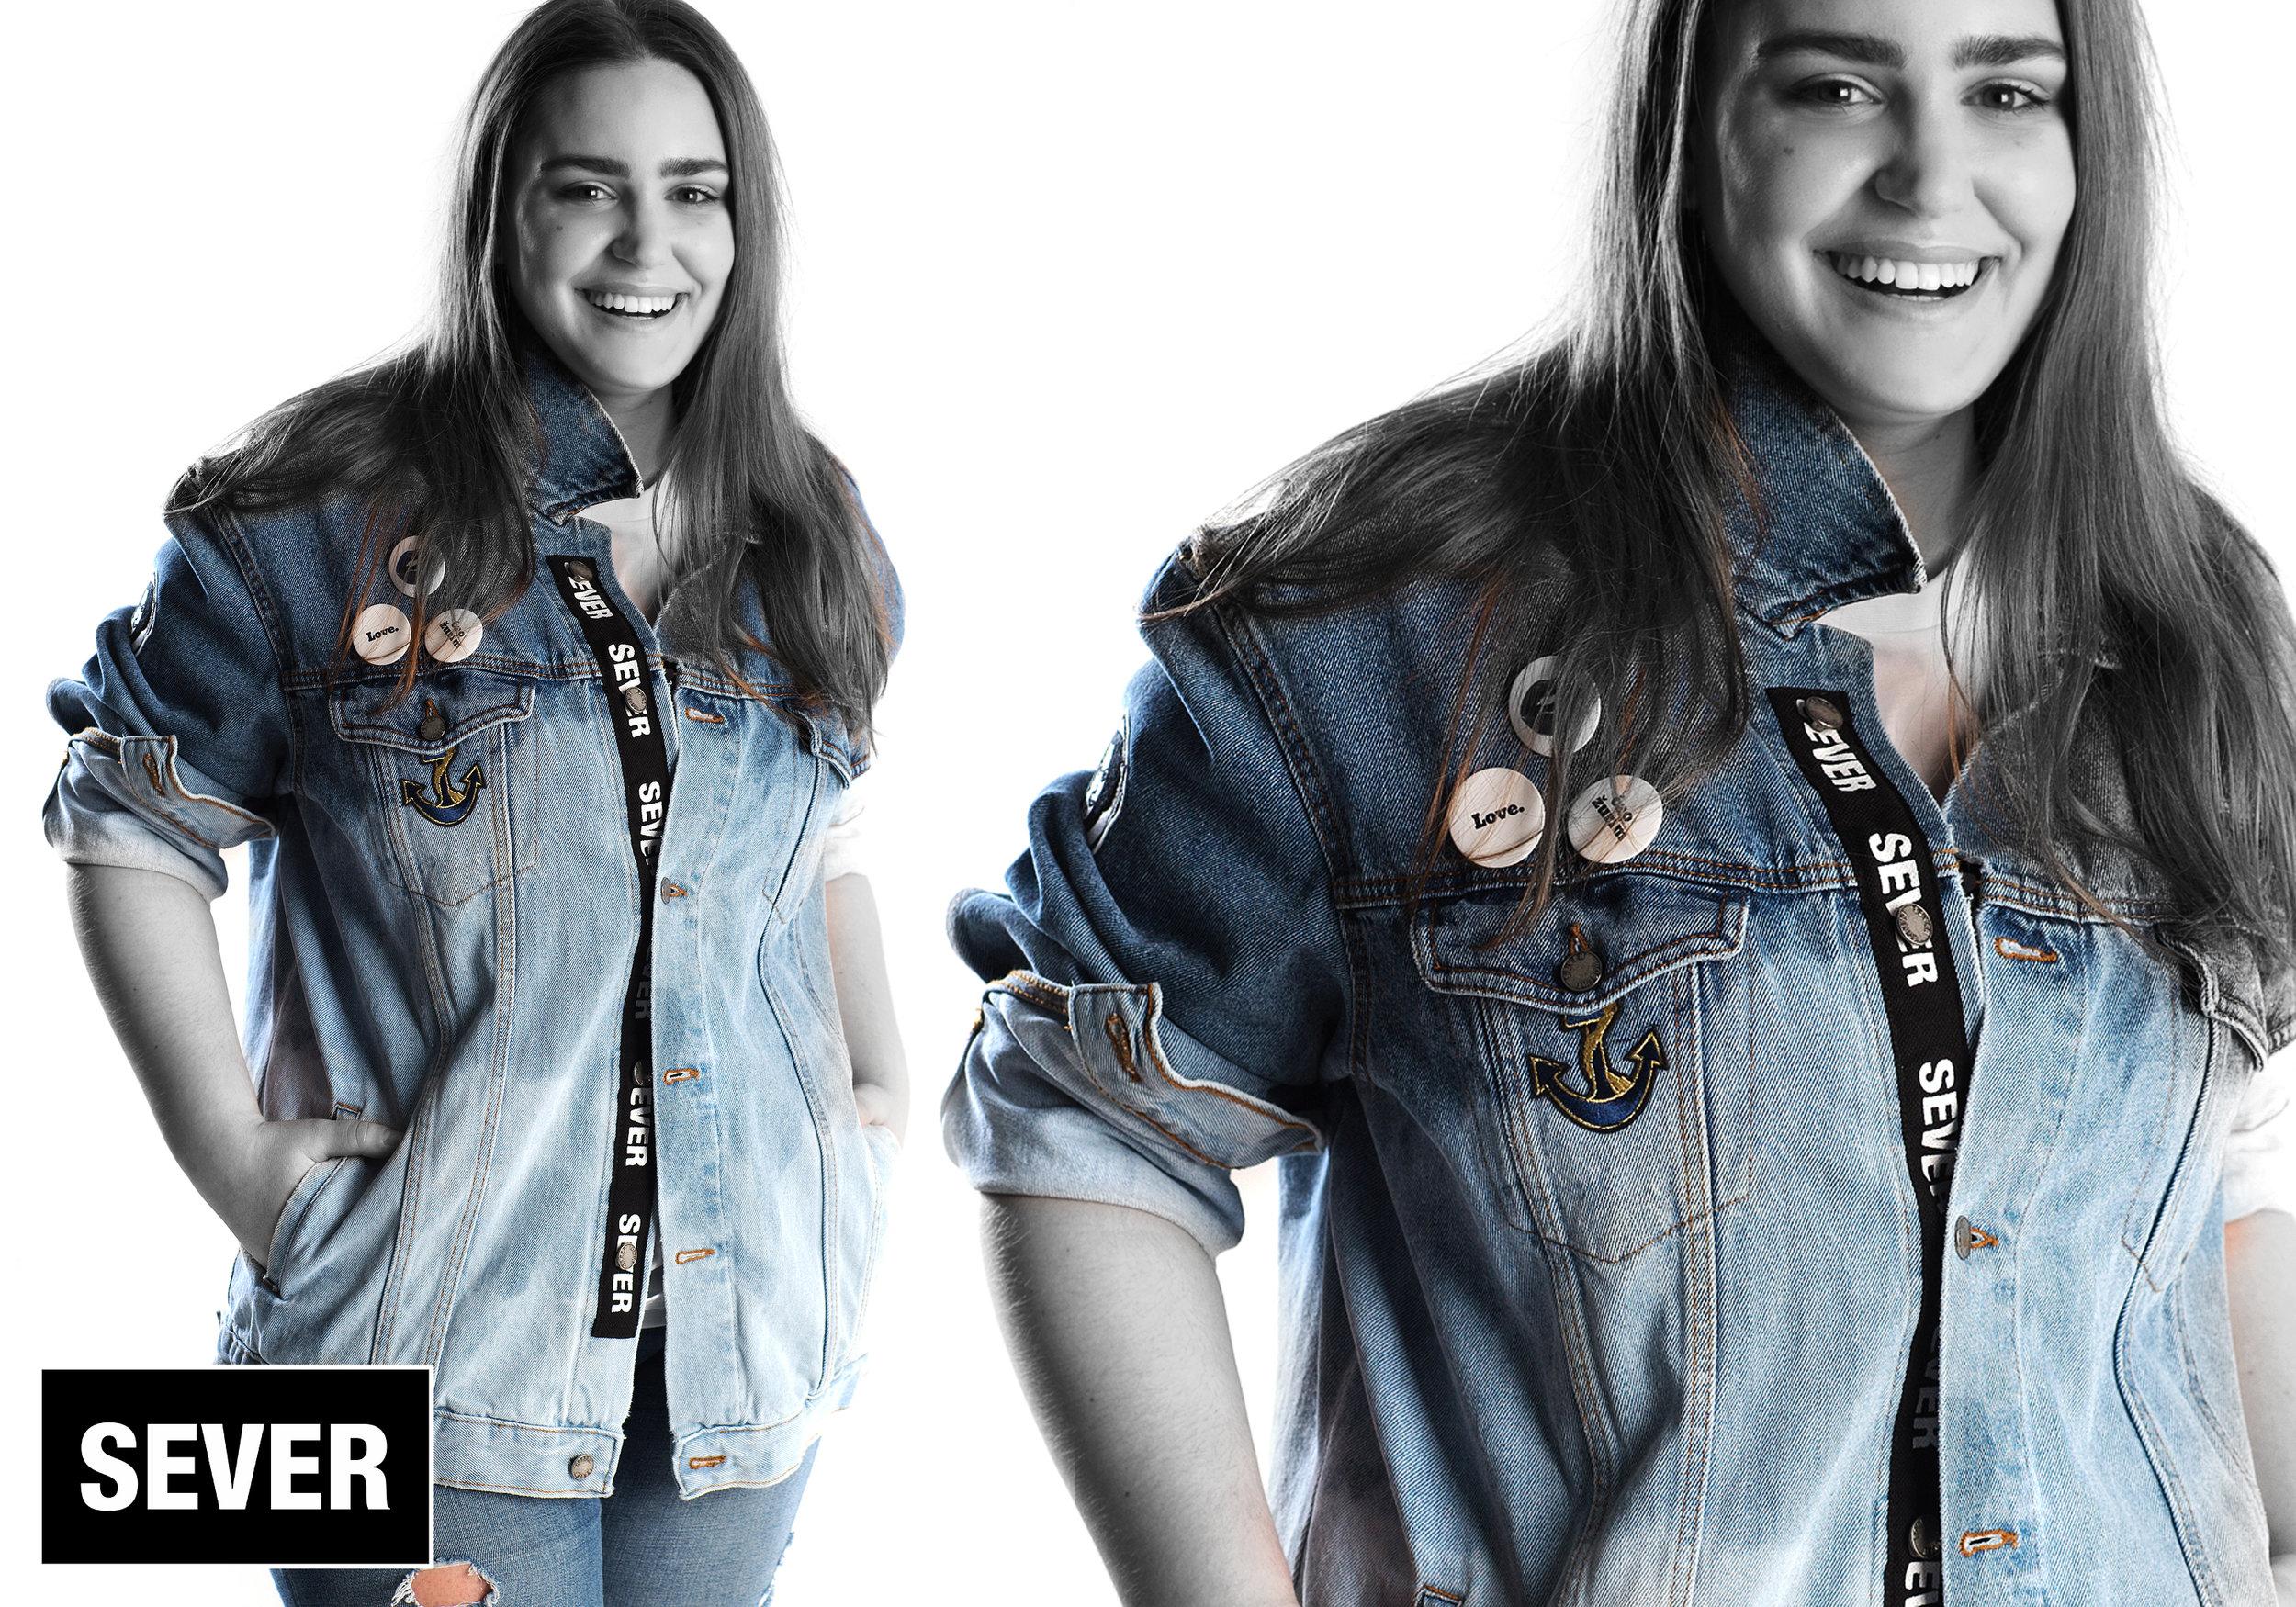 robert-sever-streetwear-kolekcija-2018-hrvatski-dizajner (1).jpg